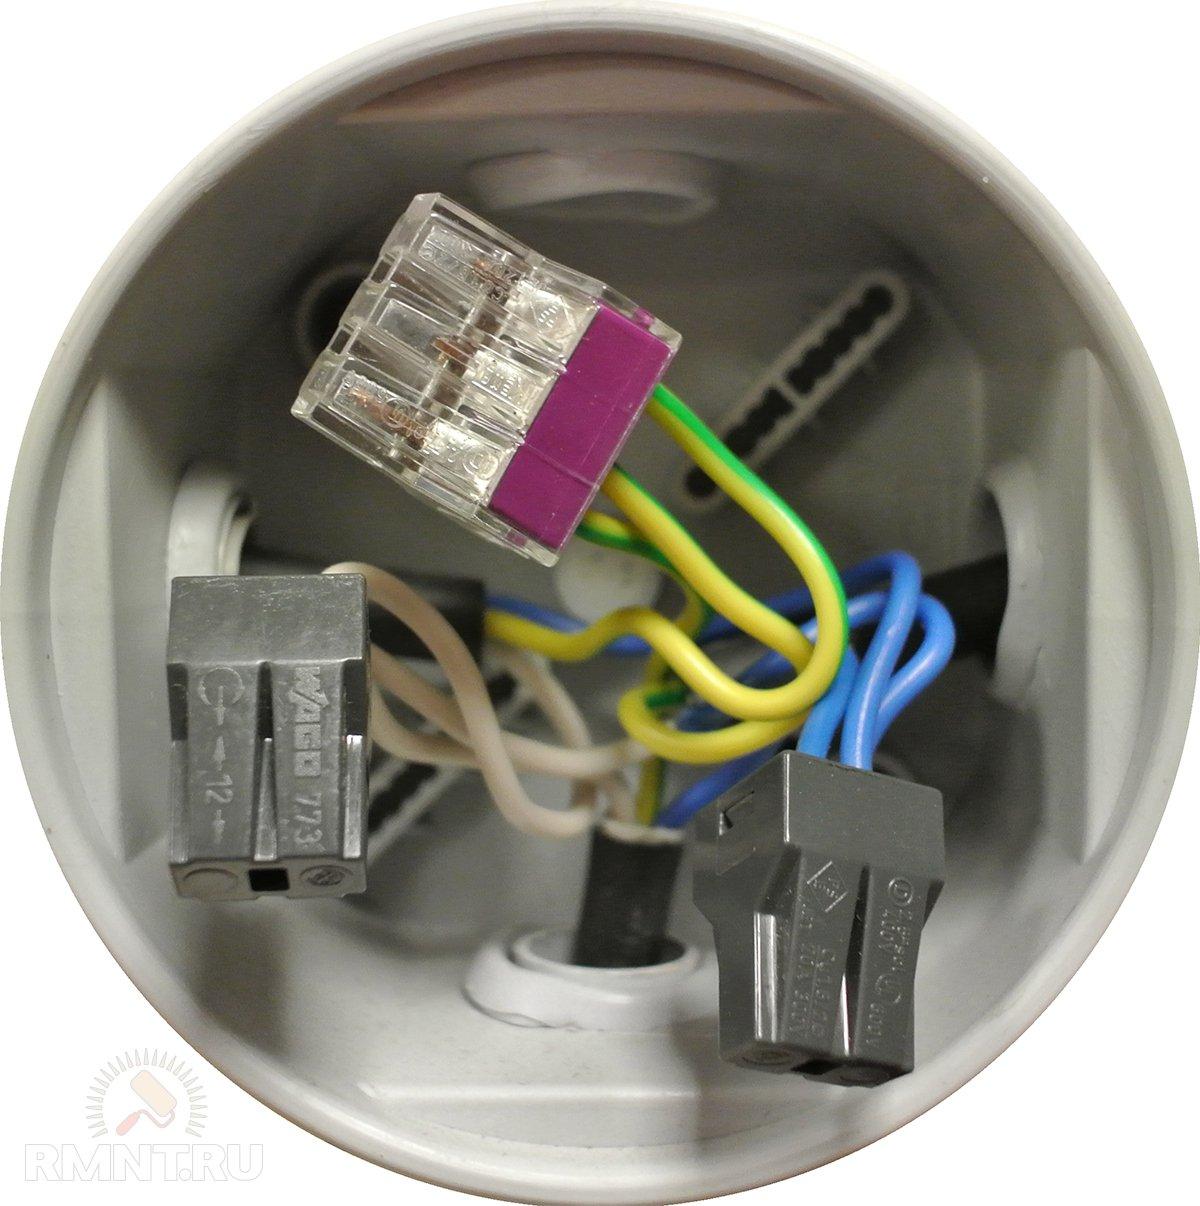 Разводка электропроводки своими руками: от